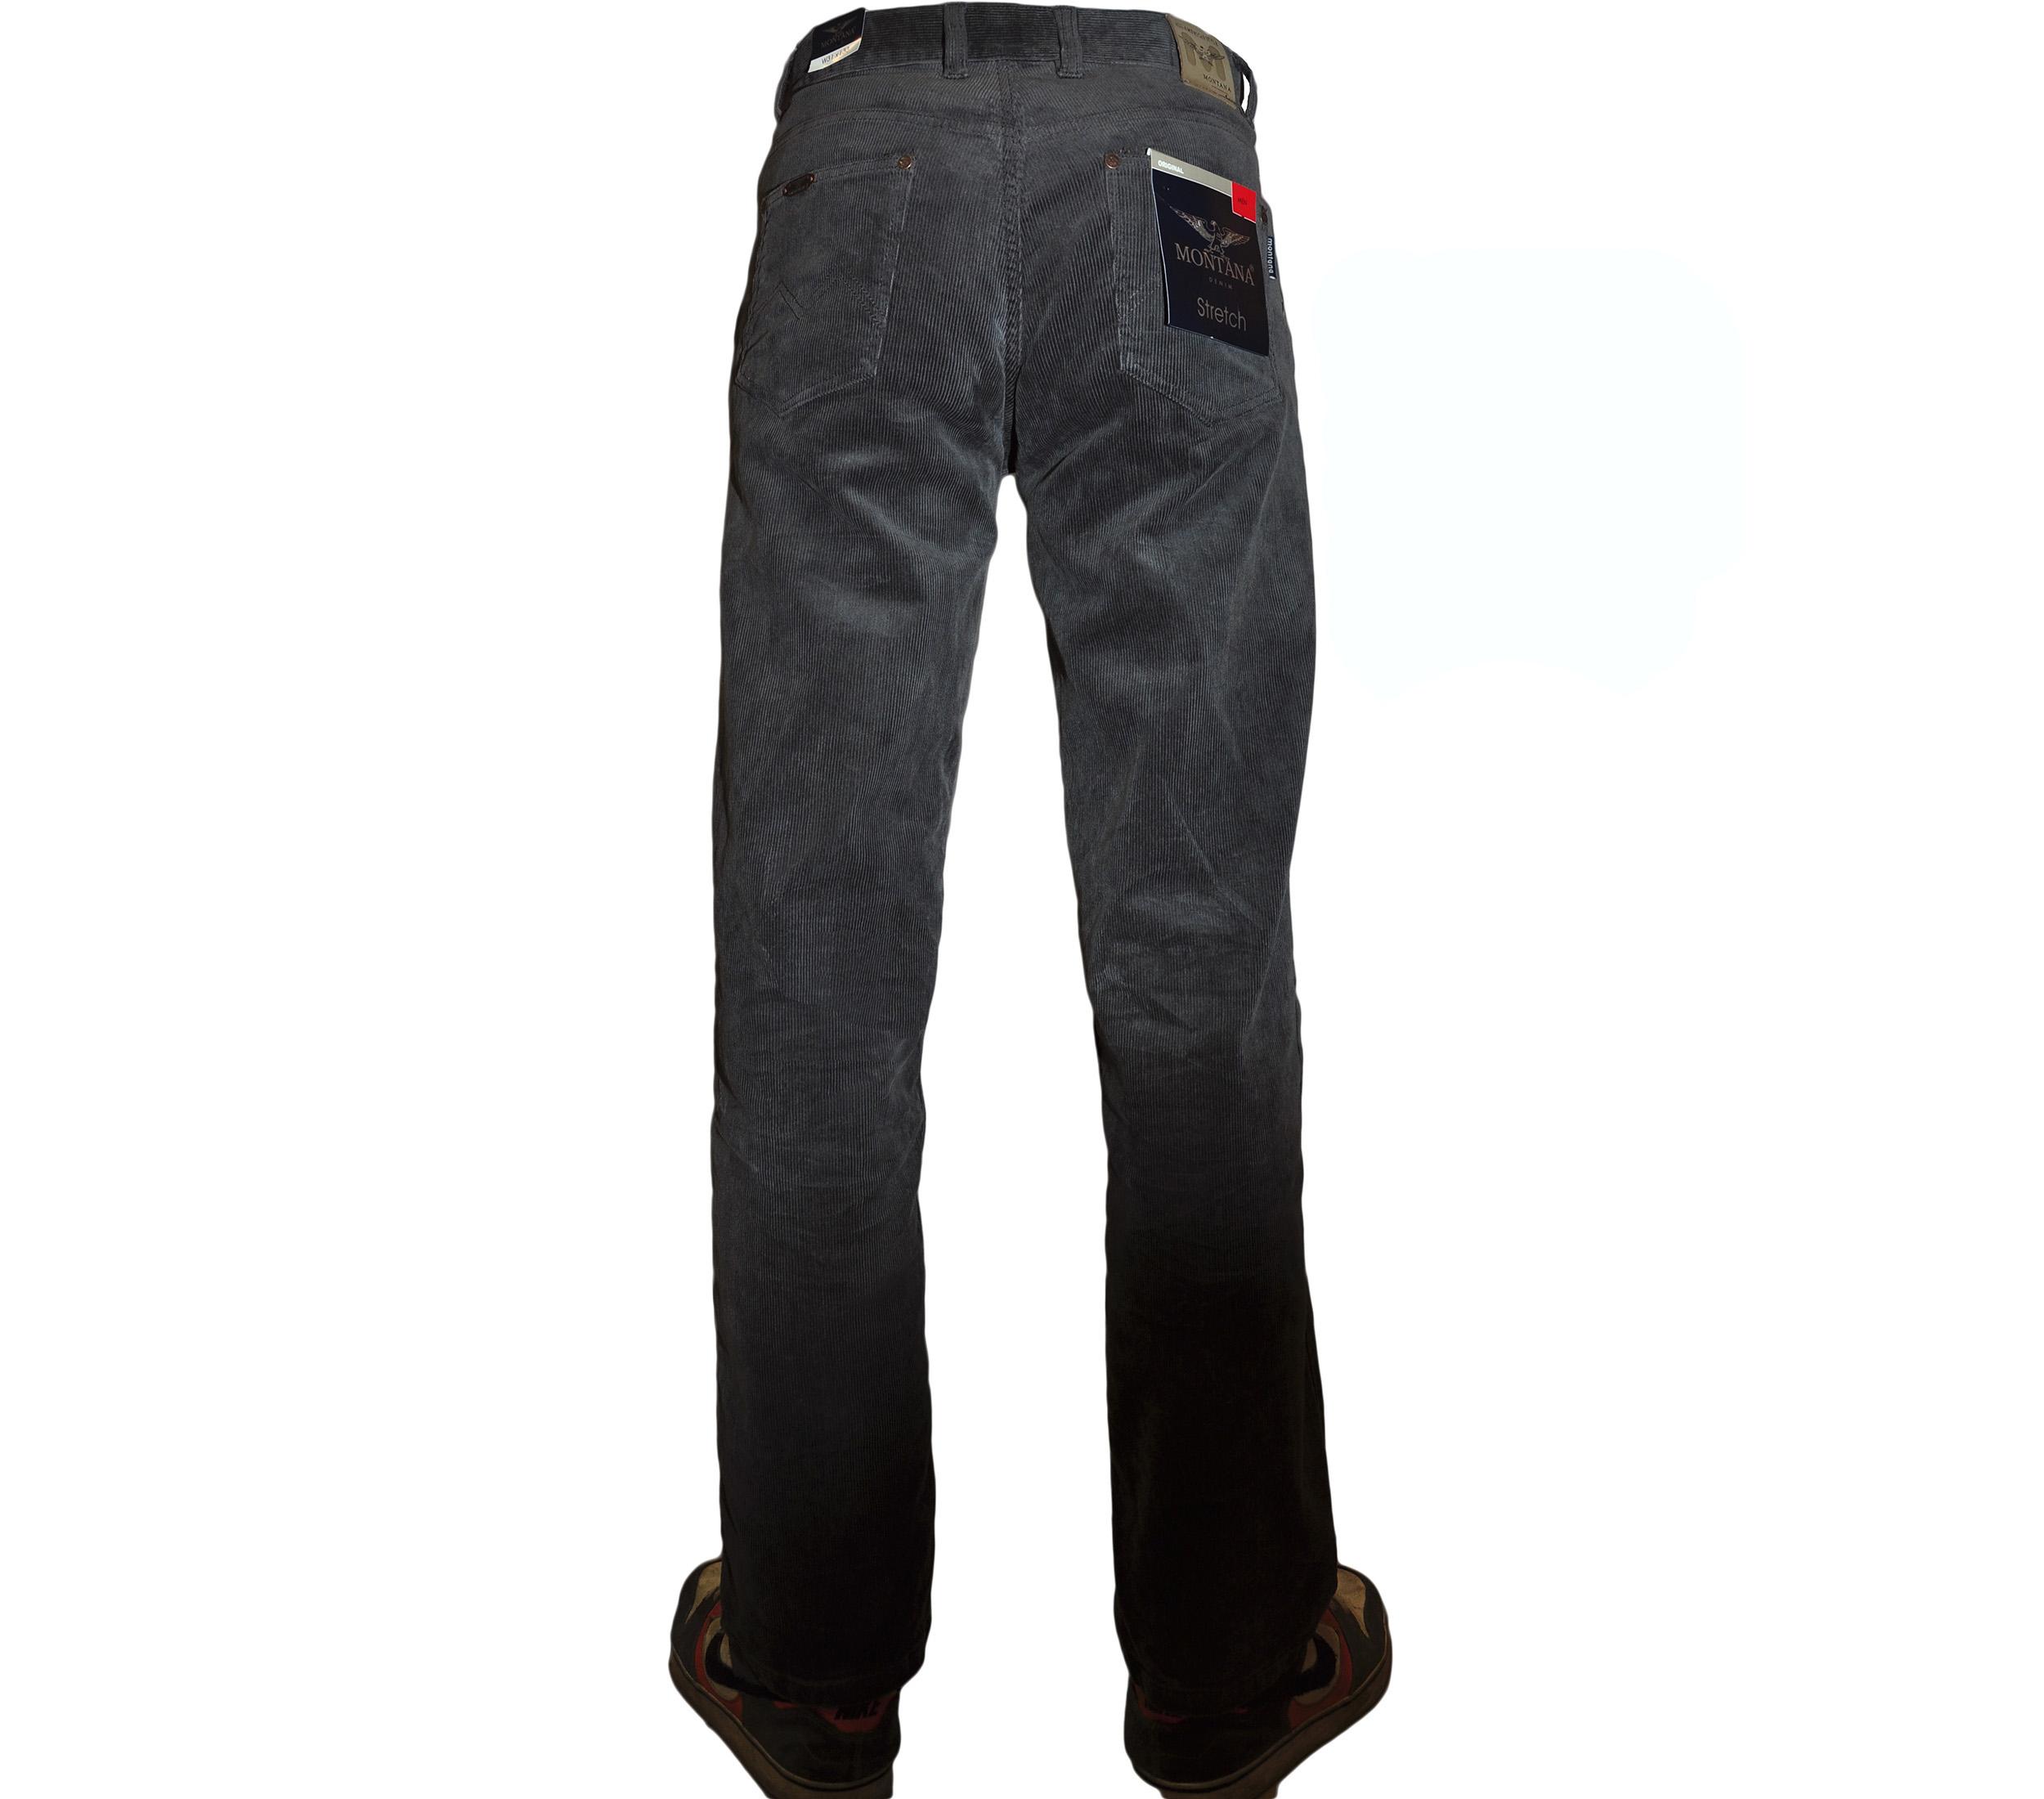 Джинсы вельветовые серого цвета, классическая модель 842,